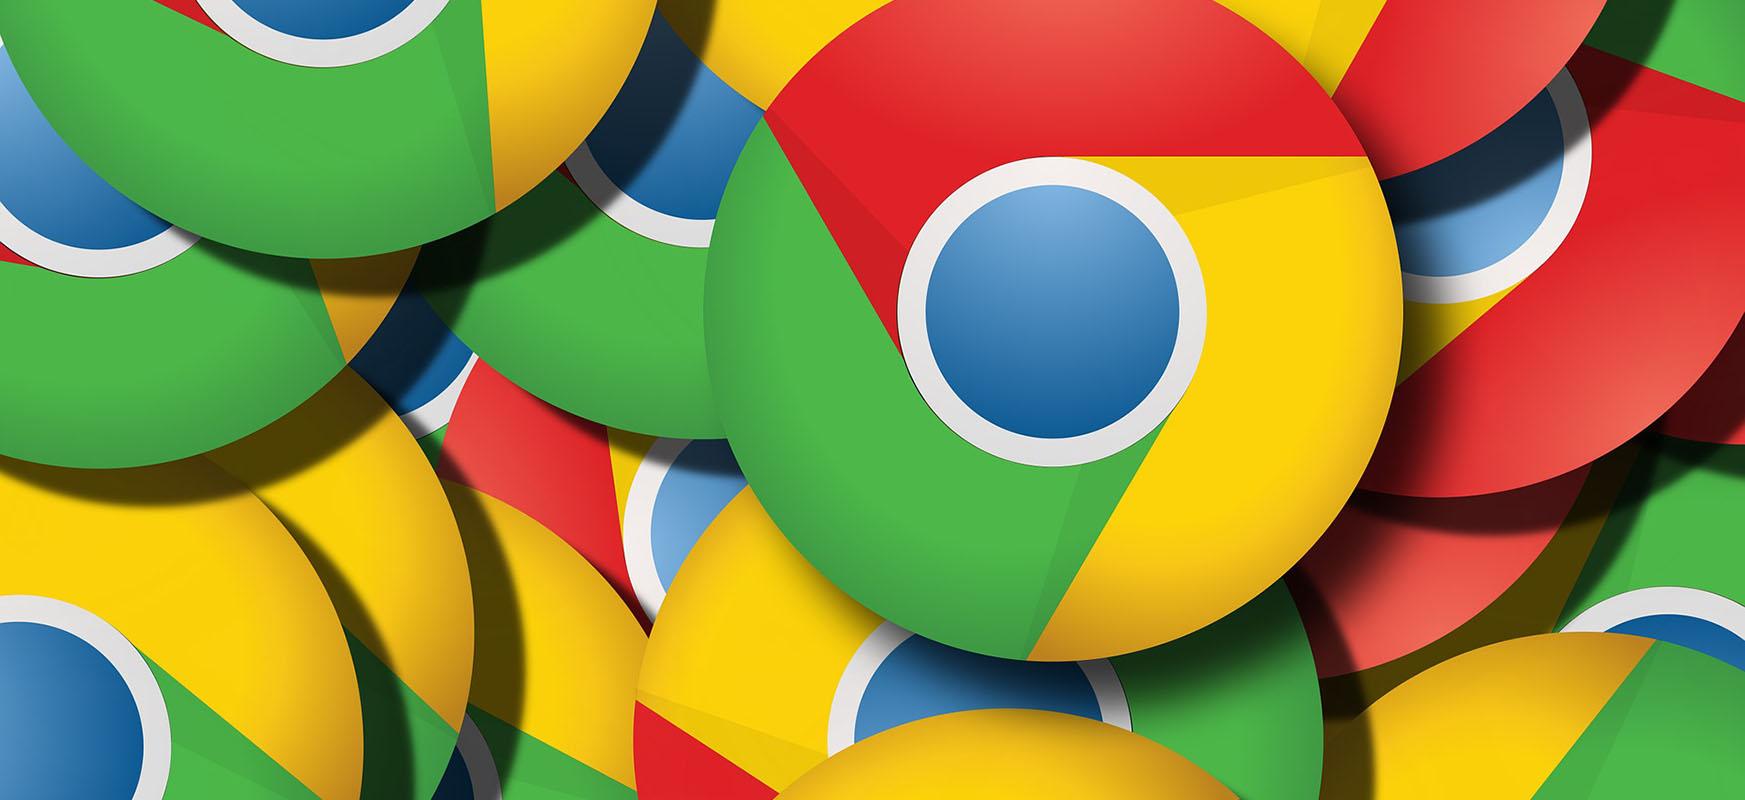 Google Chrome-k azpititulu automatikoak gehituko ditu arakatzailean jolasten dugun euskarrian